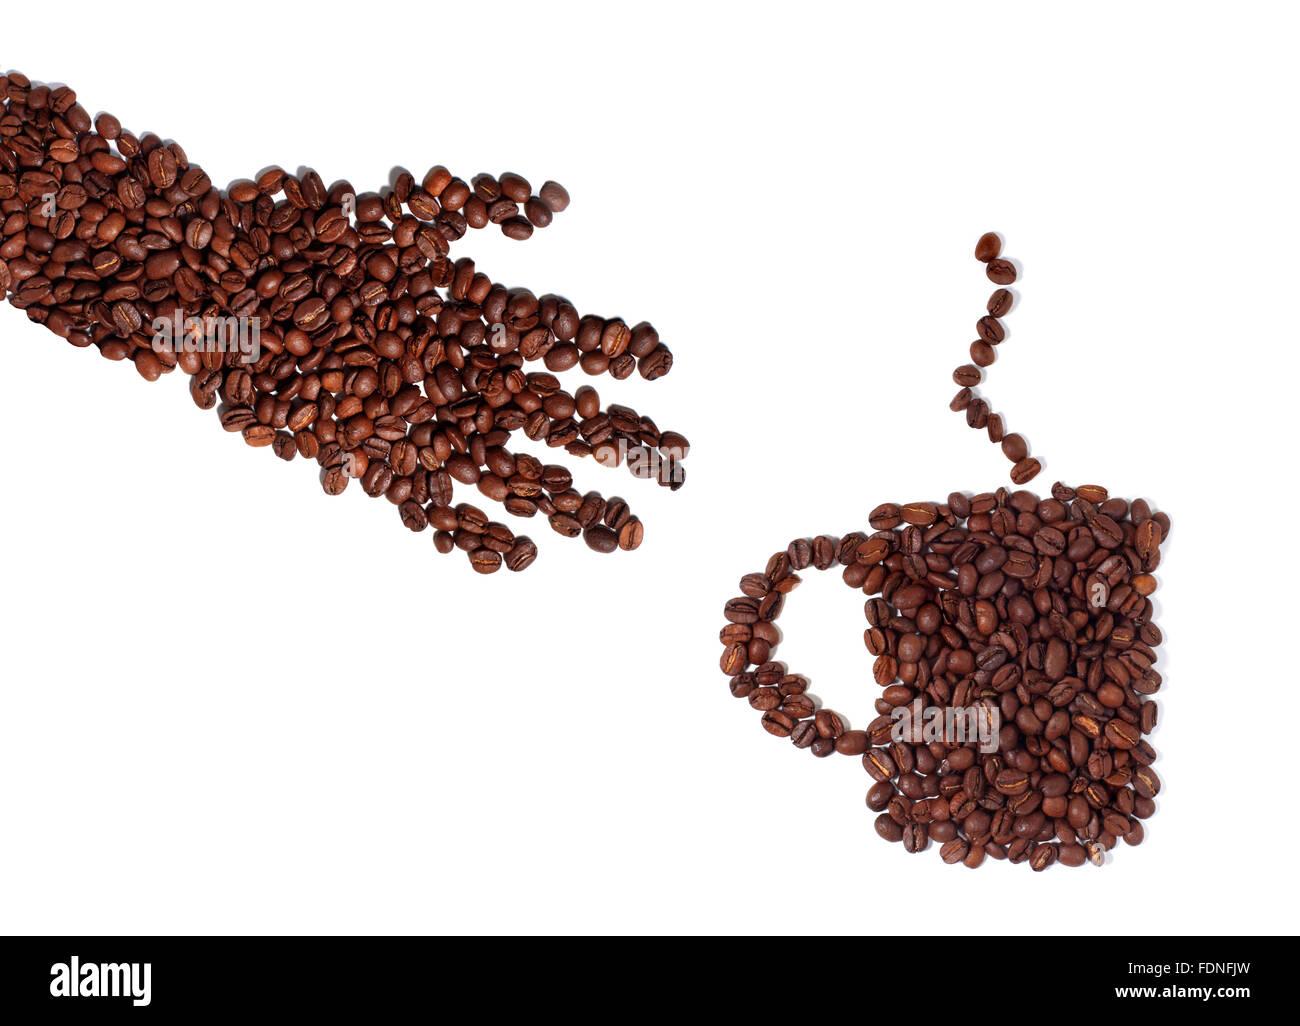 Foto de estudio de una mano y taza de café hecha de granos de café. Imagen De Stock